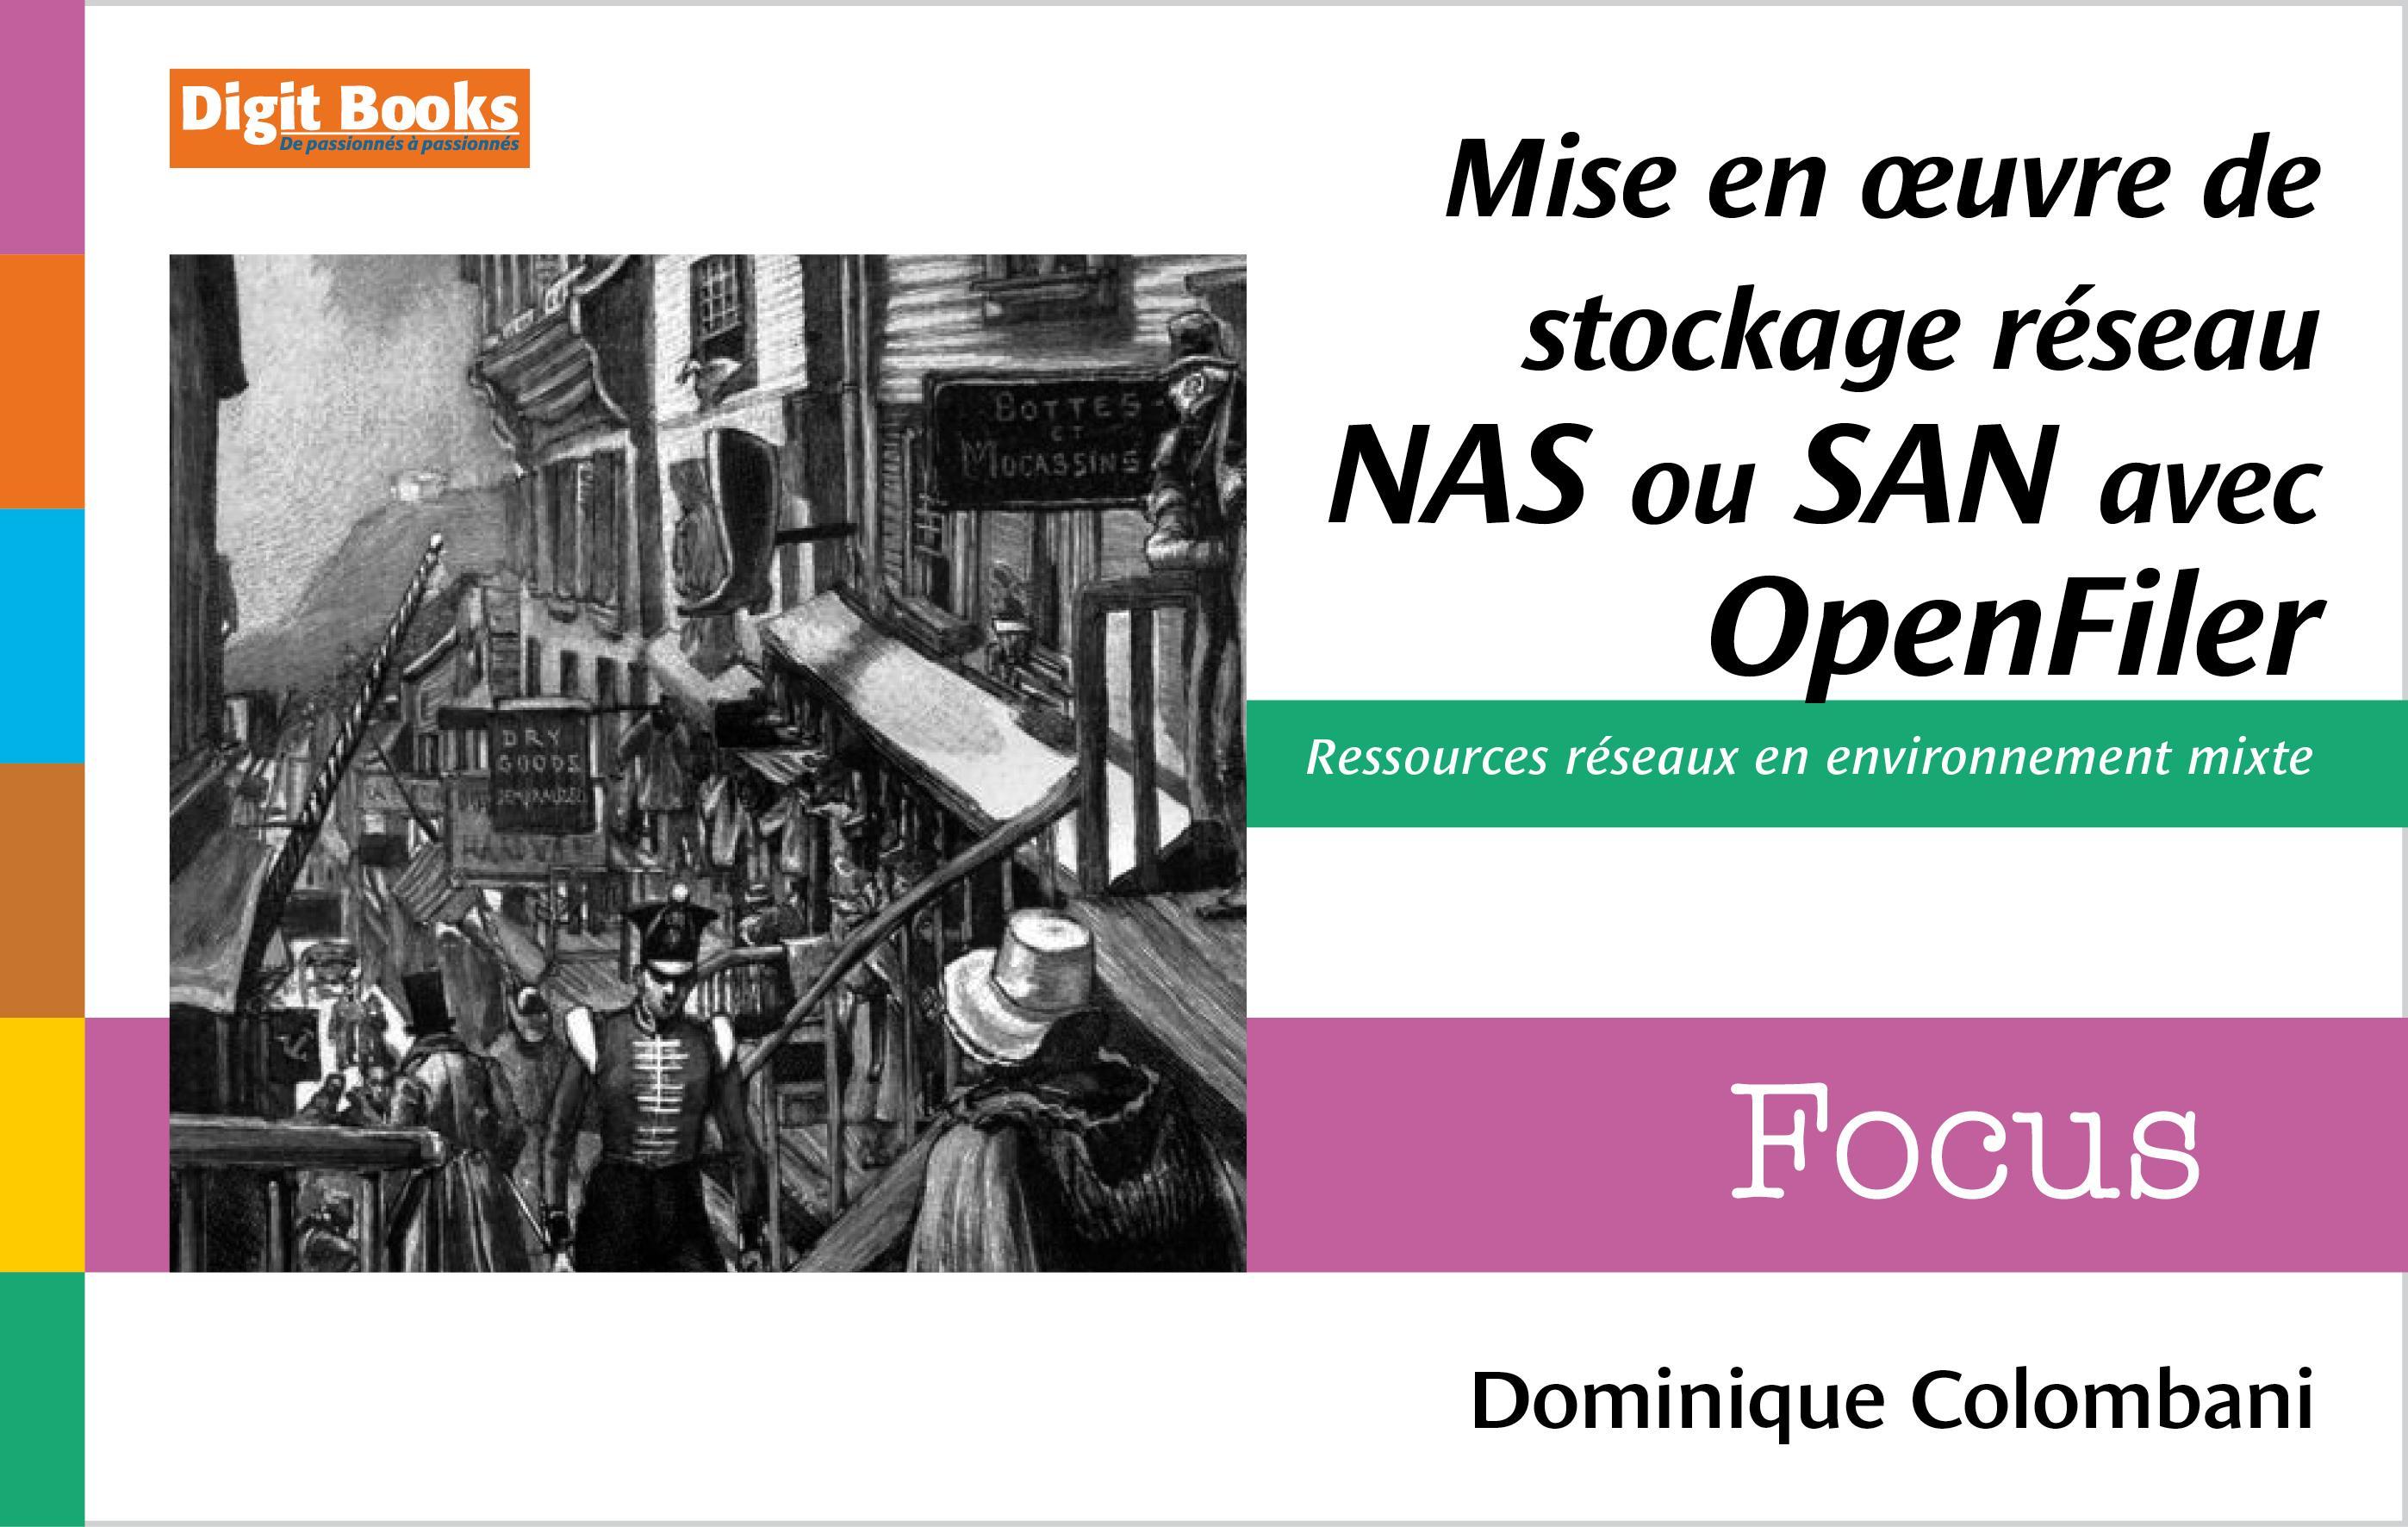 Mise en oeuvre de stockage réseau NAS ou SAN avec Openfiler